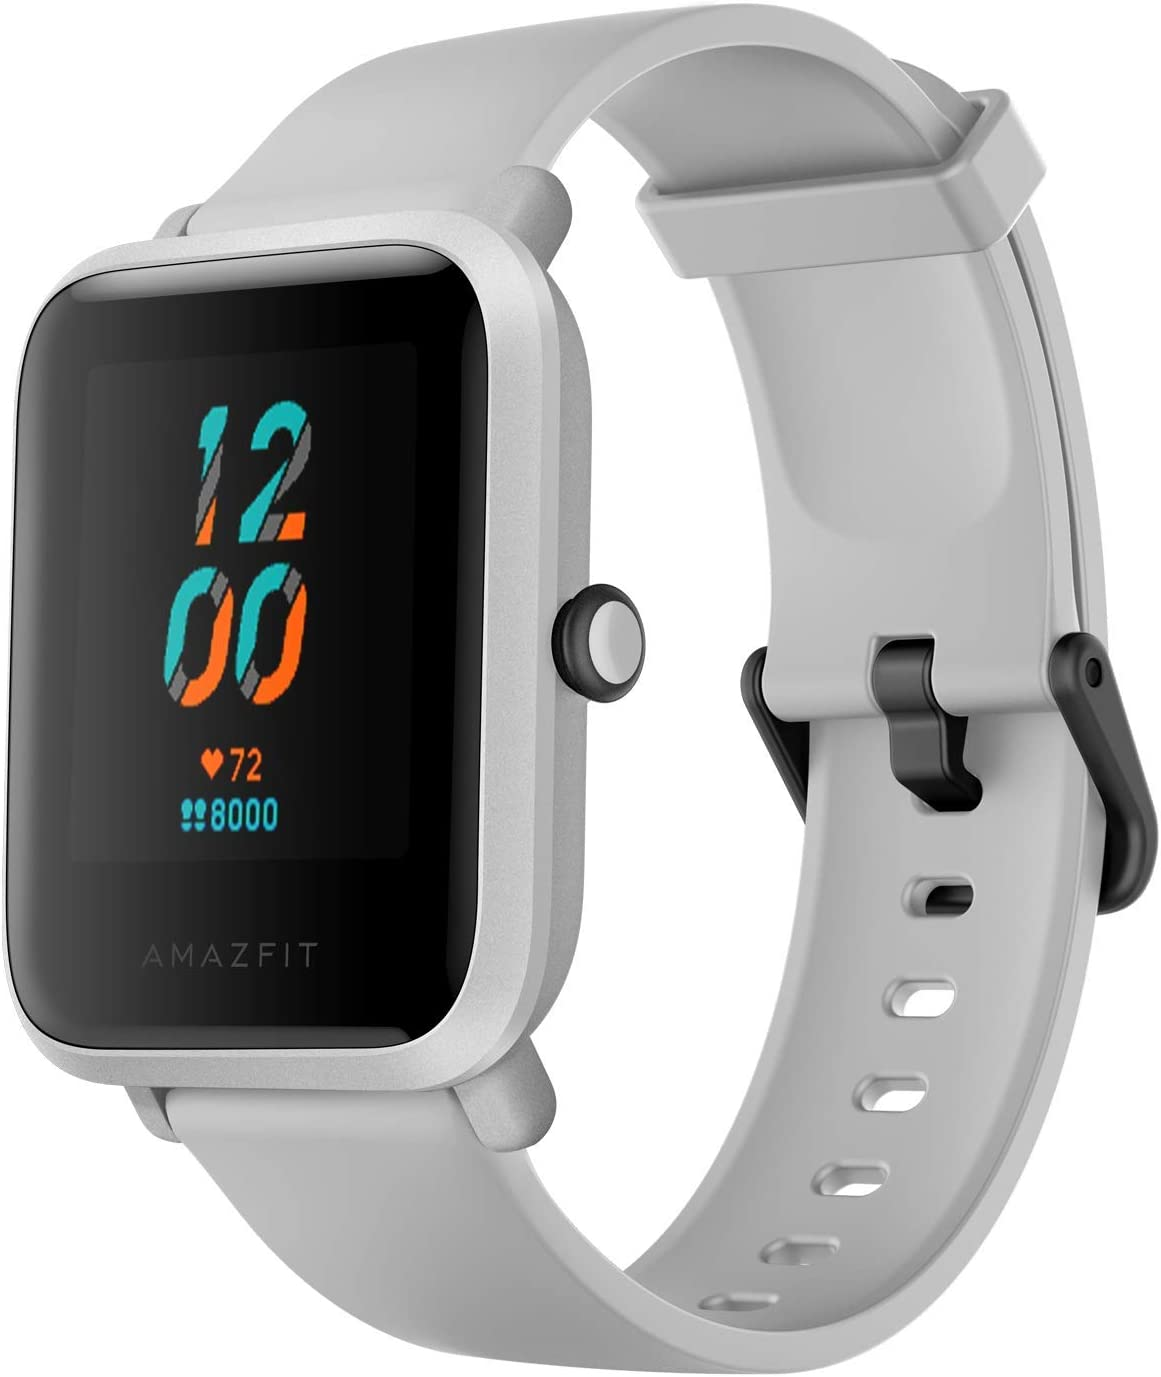 Amazfit Bip S Smartwatch Reloj Inteligente Fitness Rastreador con Monitor cardíaco y Gimnasia batería útil de 40 días duración Sumergible 5 ATM Bluetooth 5.0 / BLE Andriod iOS Blanco